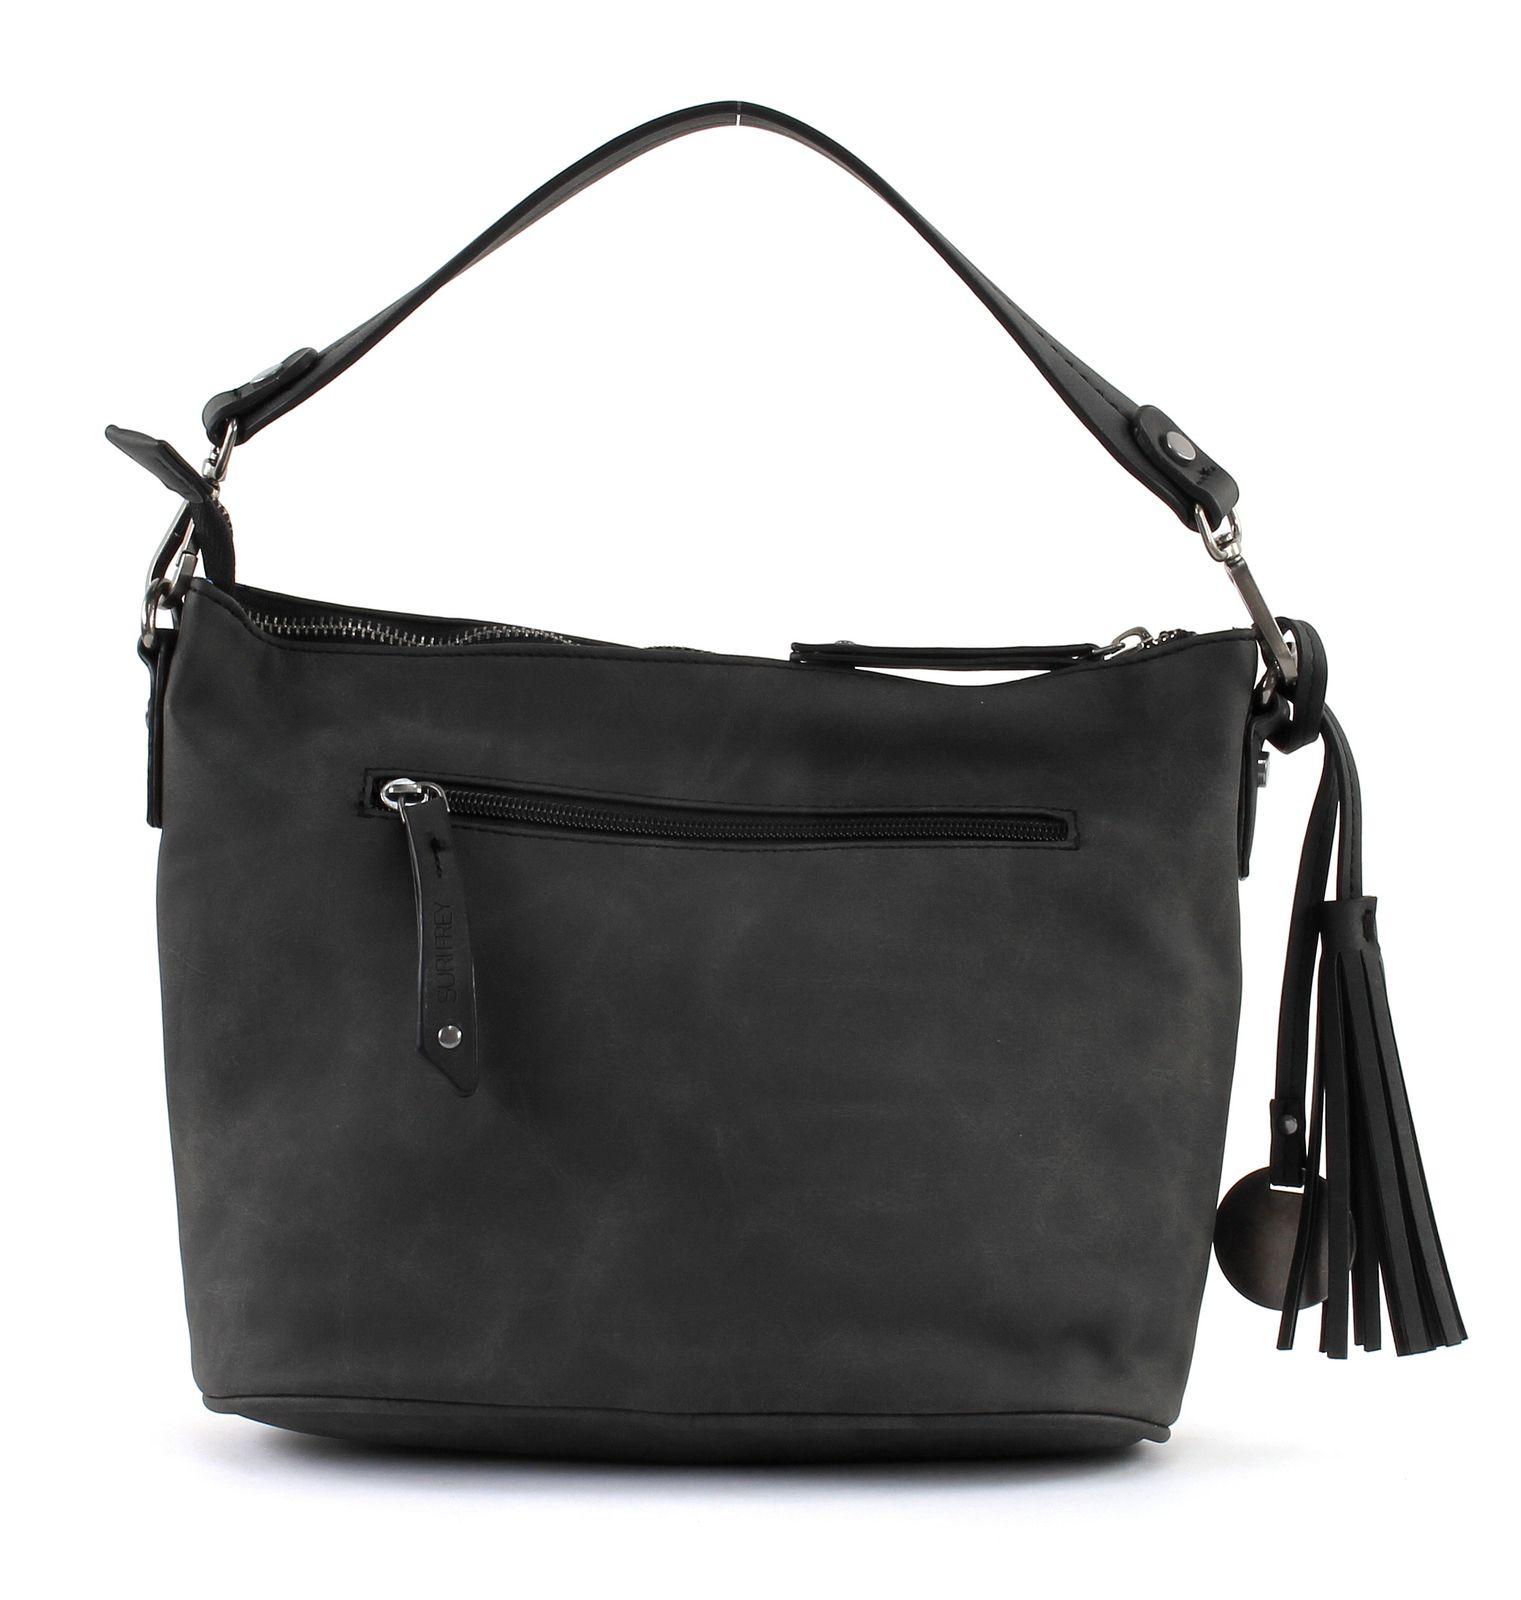 Mary Handbag Black Suri Frey B9VNTPLmG